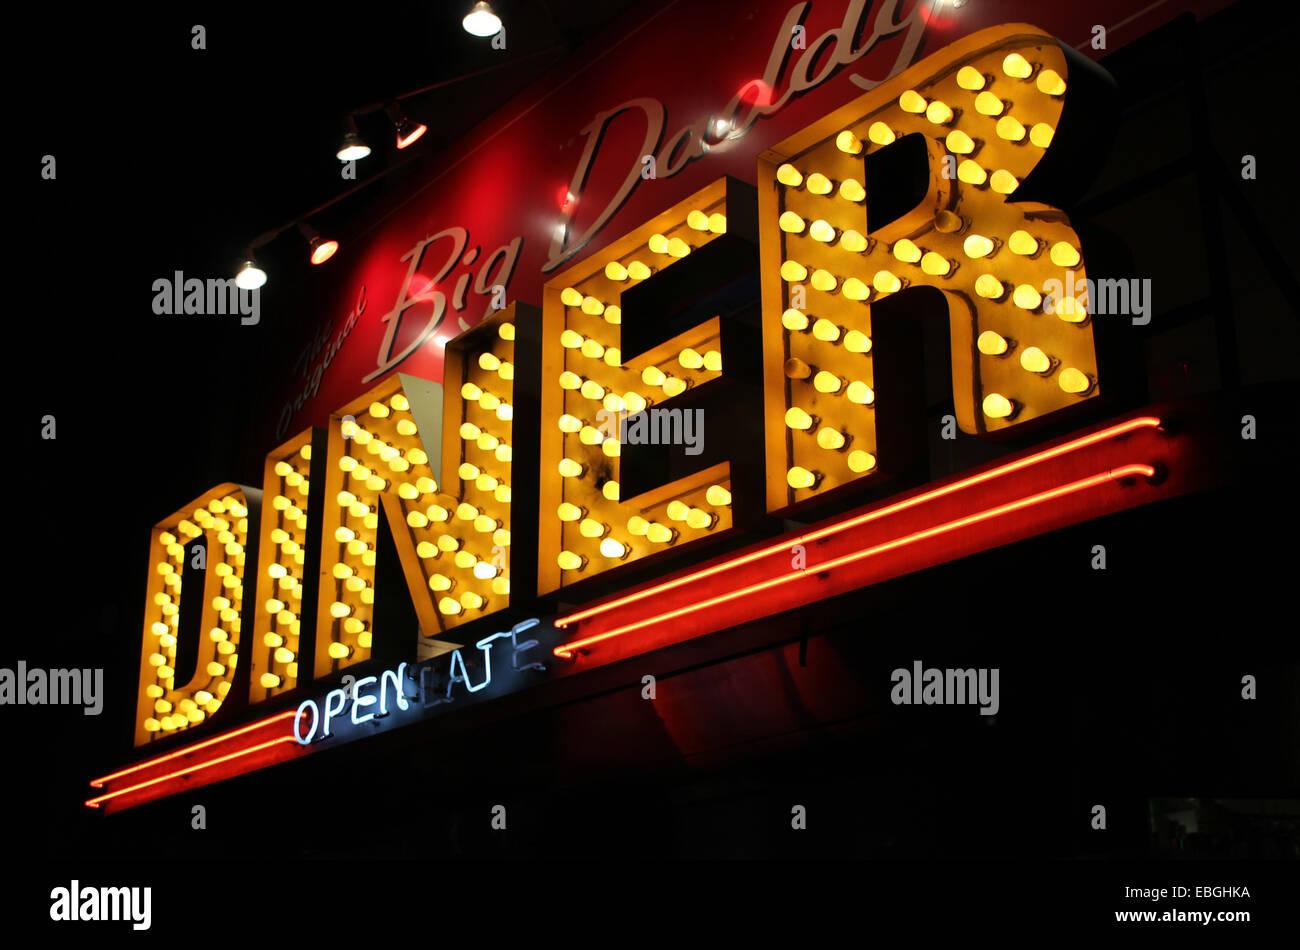 A jazzy signo de un tradicional American Diner en Manhattan, Nueva York. Imagen De Stock